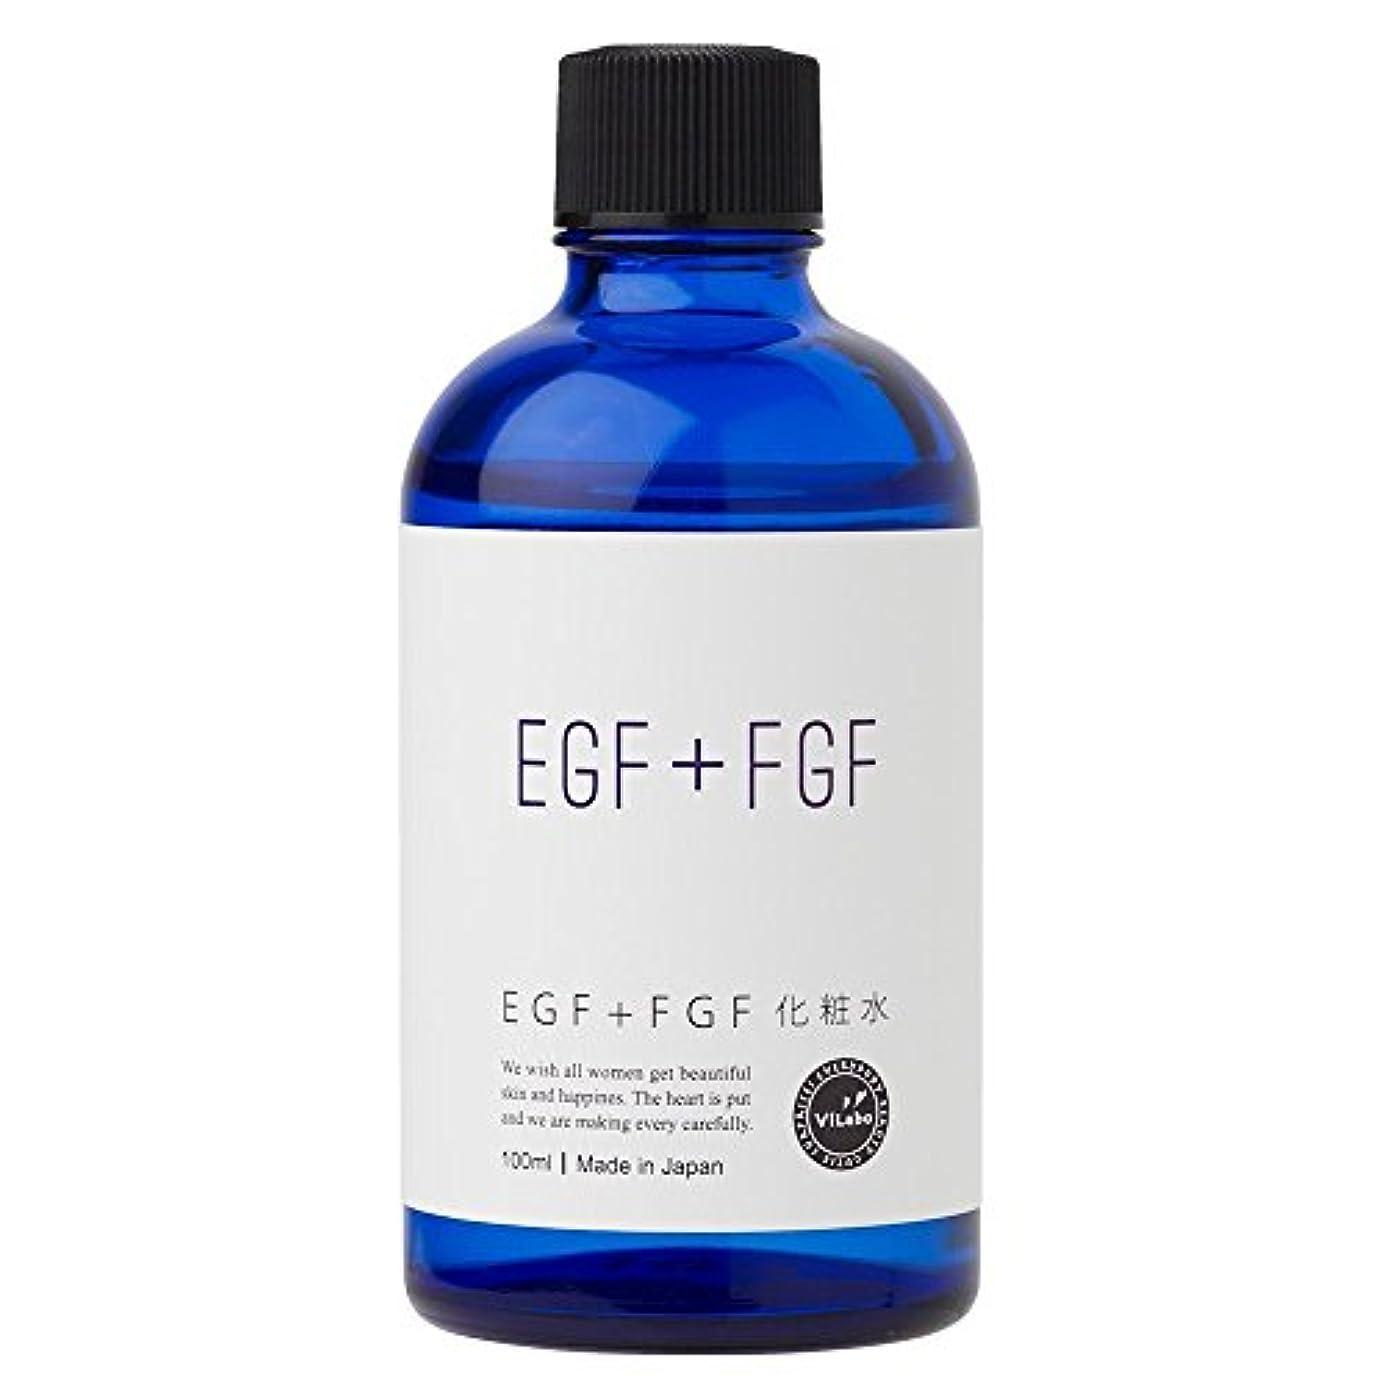 最初に洪水謙虚なEGF+FGF化粧水-天然温泉水+高級美容成分の浸透型化粧水-品名:ハッピーローションEF ノンパラベン、アルコール、フェノキシエタノール、石油系合成界面活性剤無添加 (ボトルタイプ100ml)